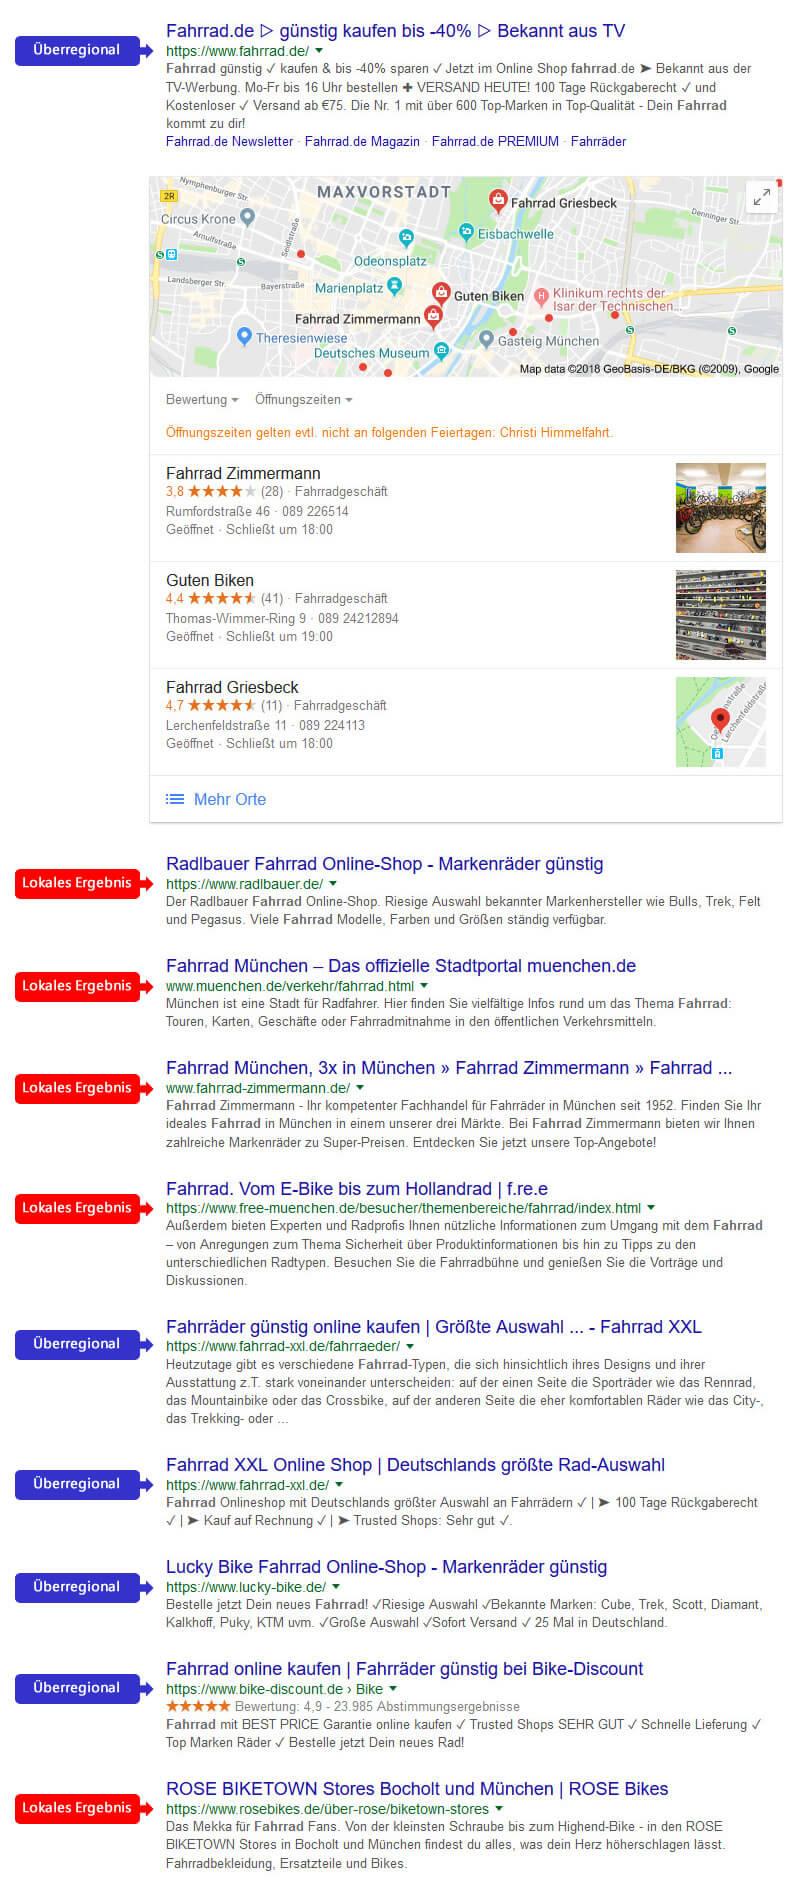 Lokalisierte organische Suchergebnisse